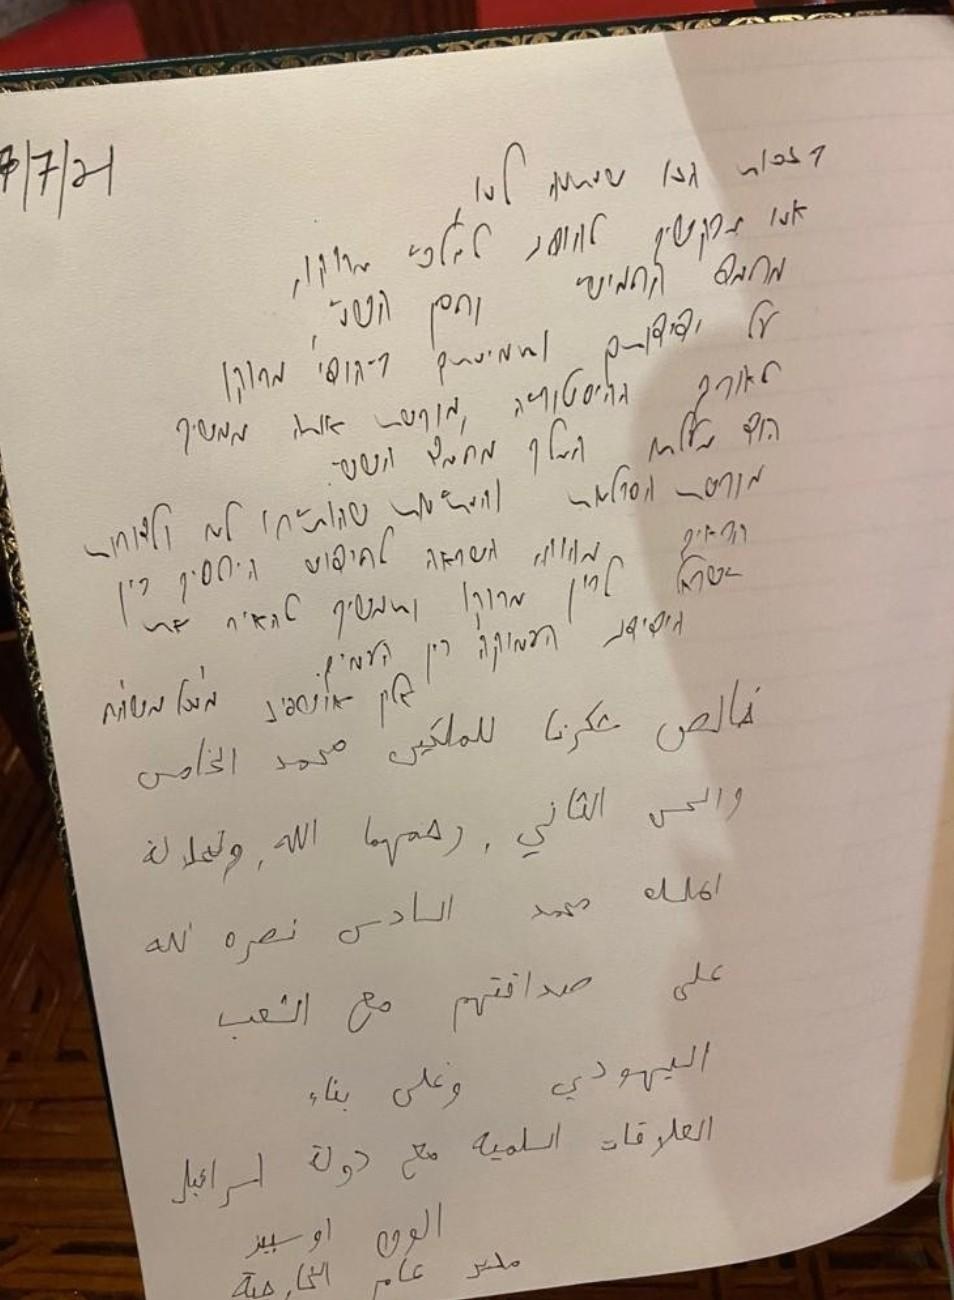 إضاءات وفد إسرائيلي يزور ضريح محمد الخامس بالرباط مع رسالة بالعربي